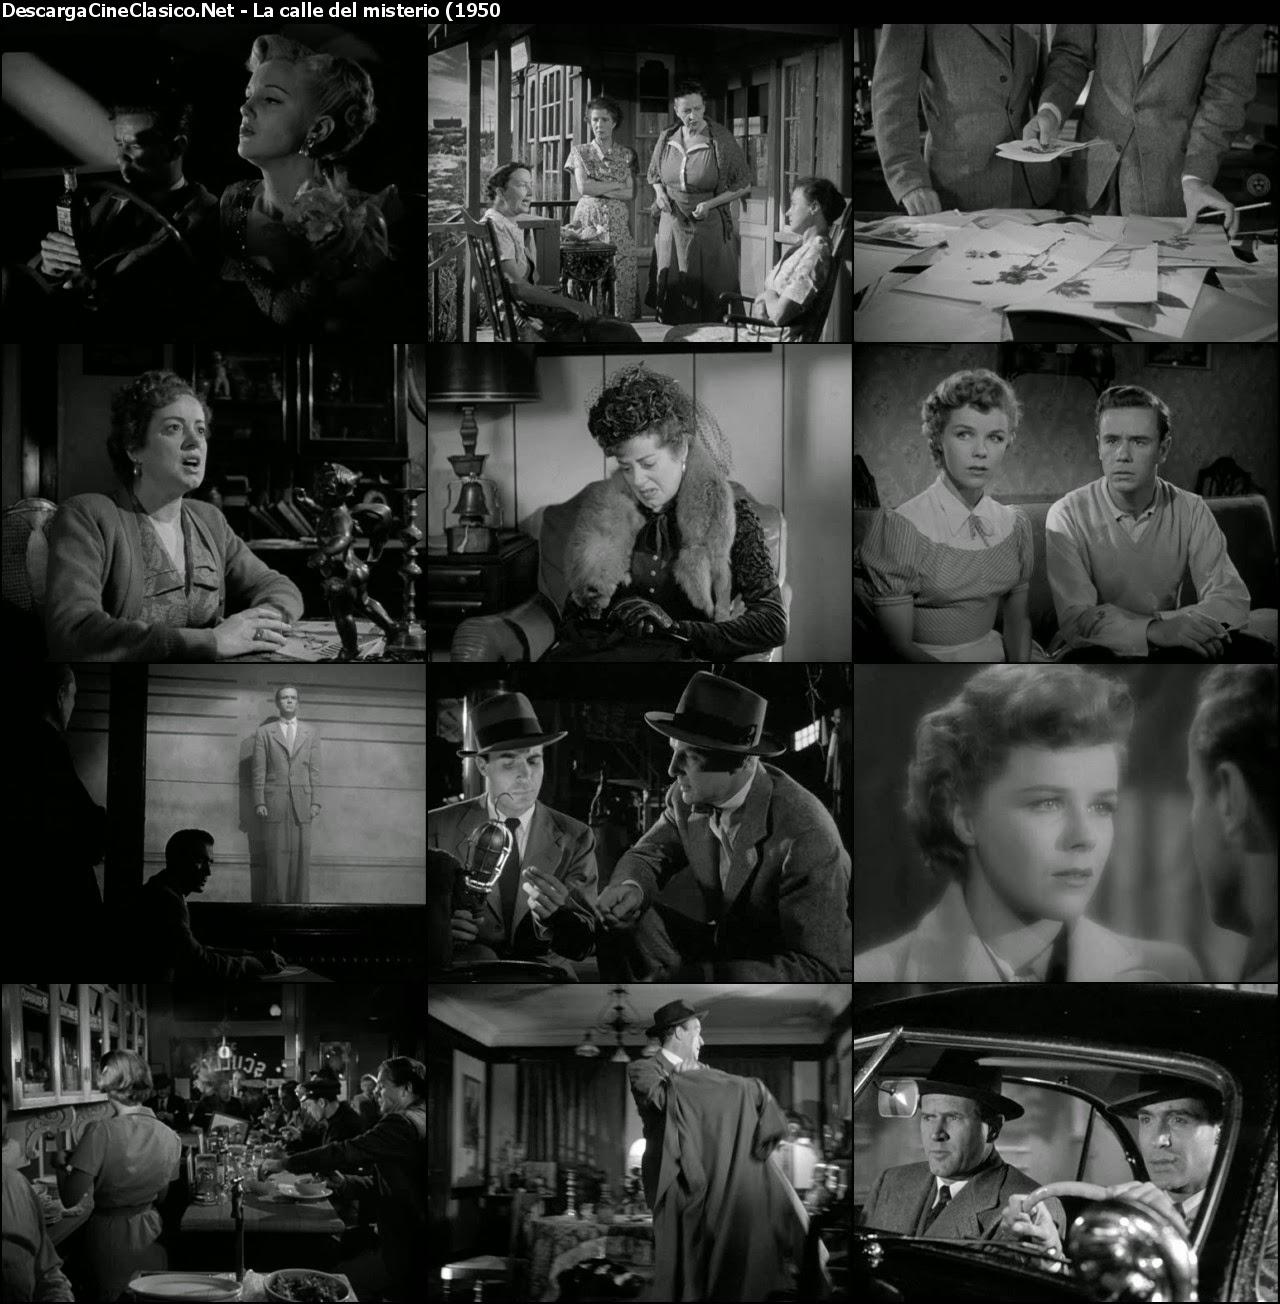 La calle del misterio (1950 - Mystery Street)